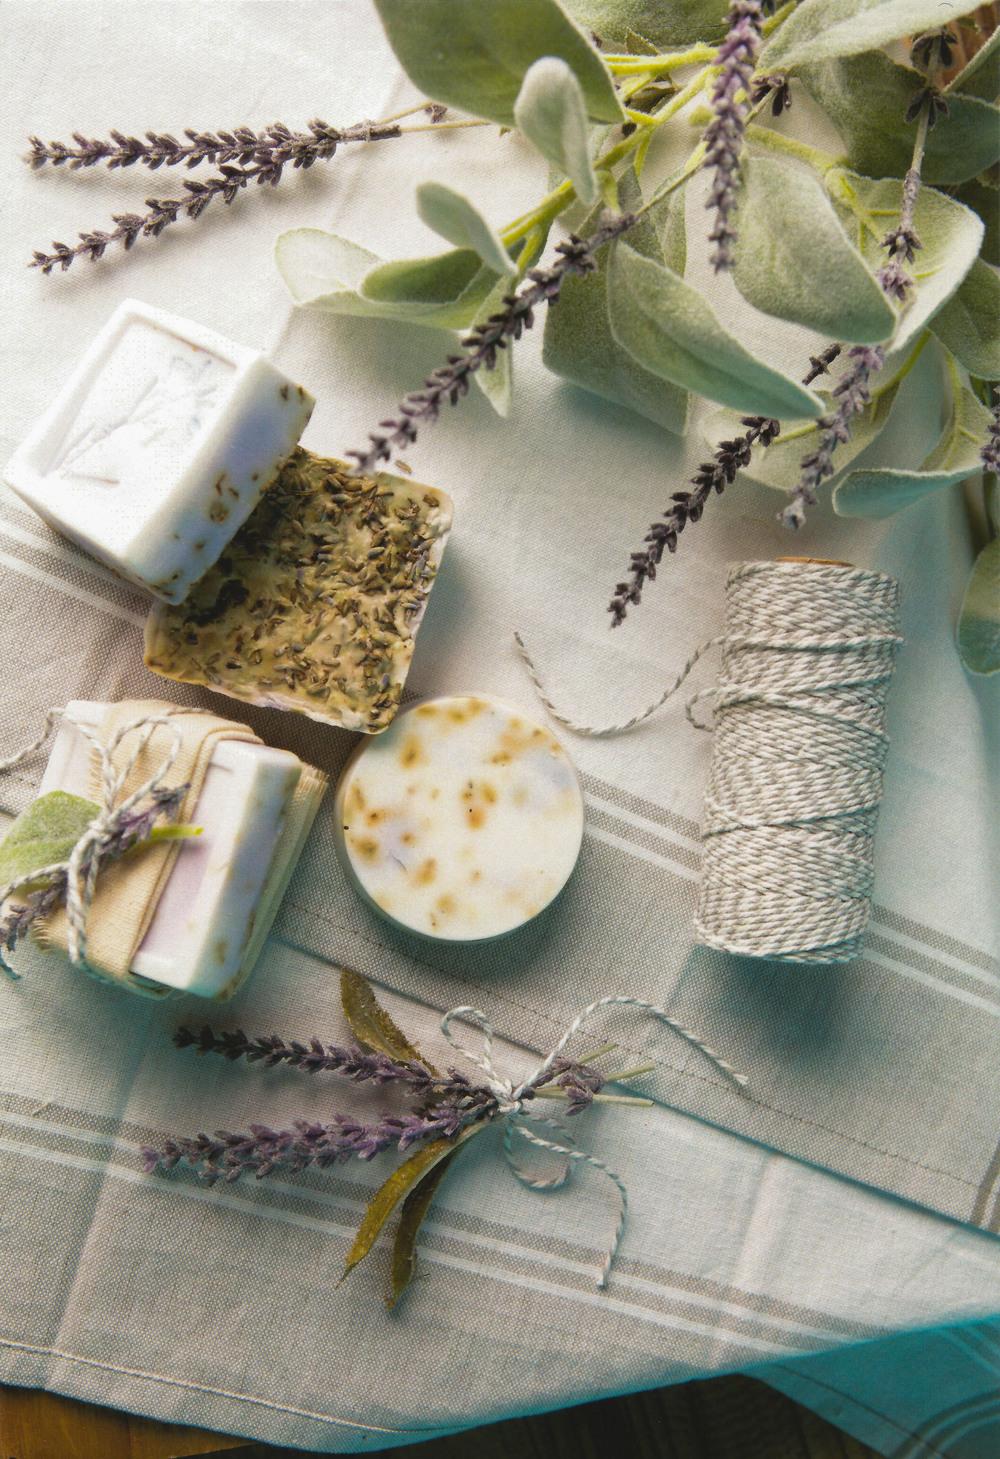 LavenderSoapFull.jpg